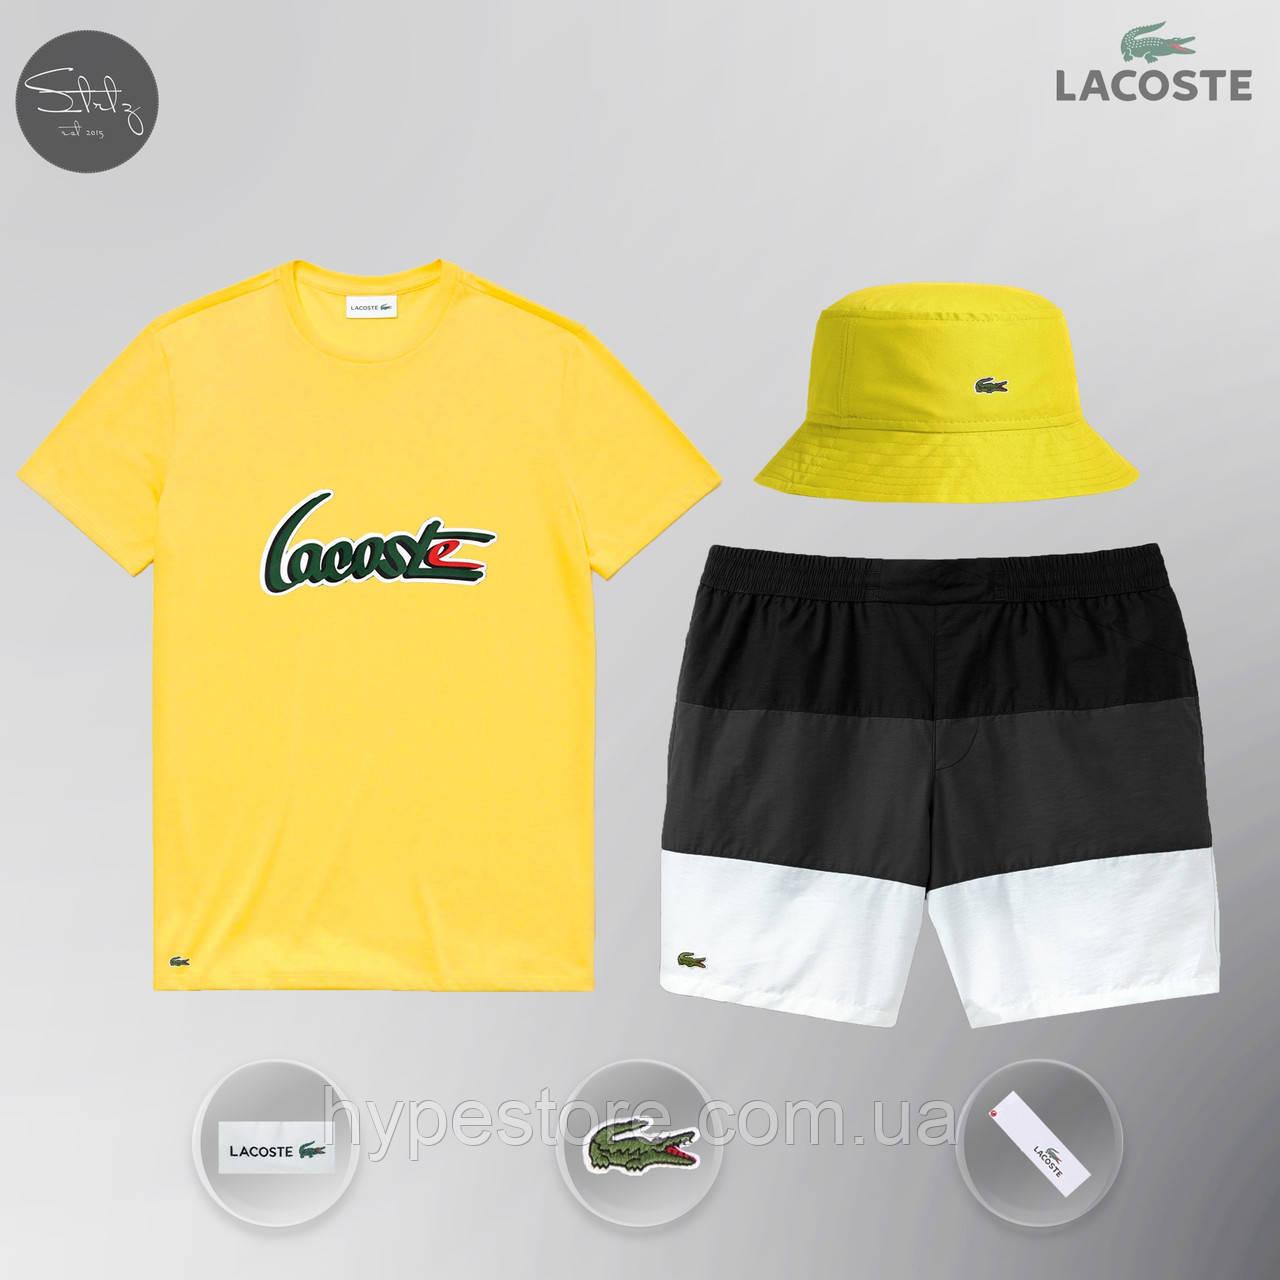 Летний спортивный комплект, мужской пляжный комплект Lacoste, шорты+футболка, панама, ТОП-Реплика (желтый)